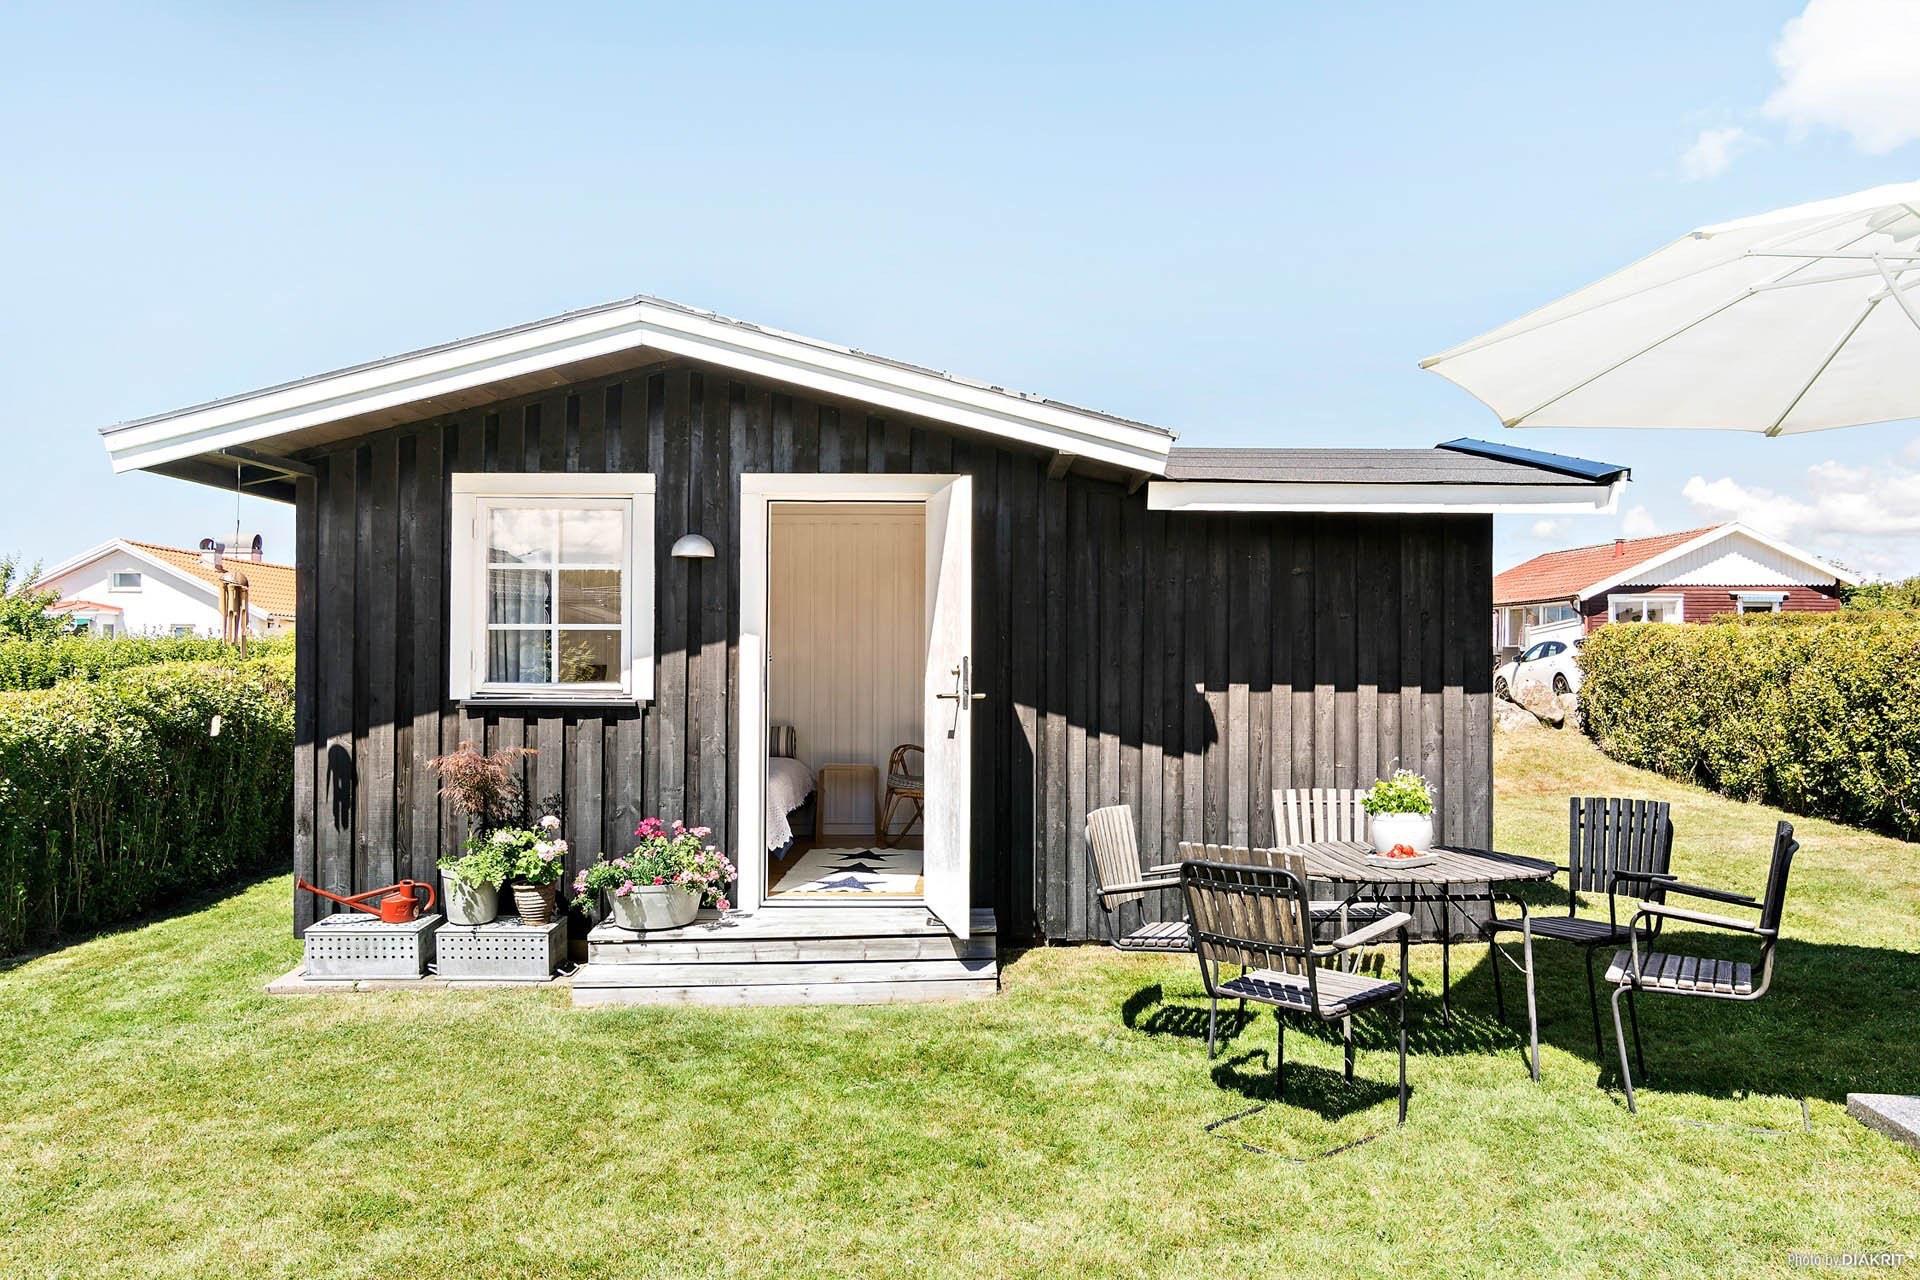 Ngôi nhà 45m2 tọa lạc trên thảm cỏ xanh mượt với không gian sống trong lành ai nhìn cũng thích - Ảnh 13.